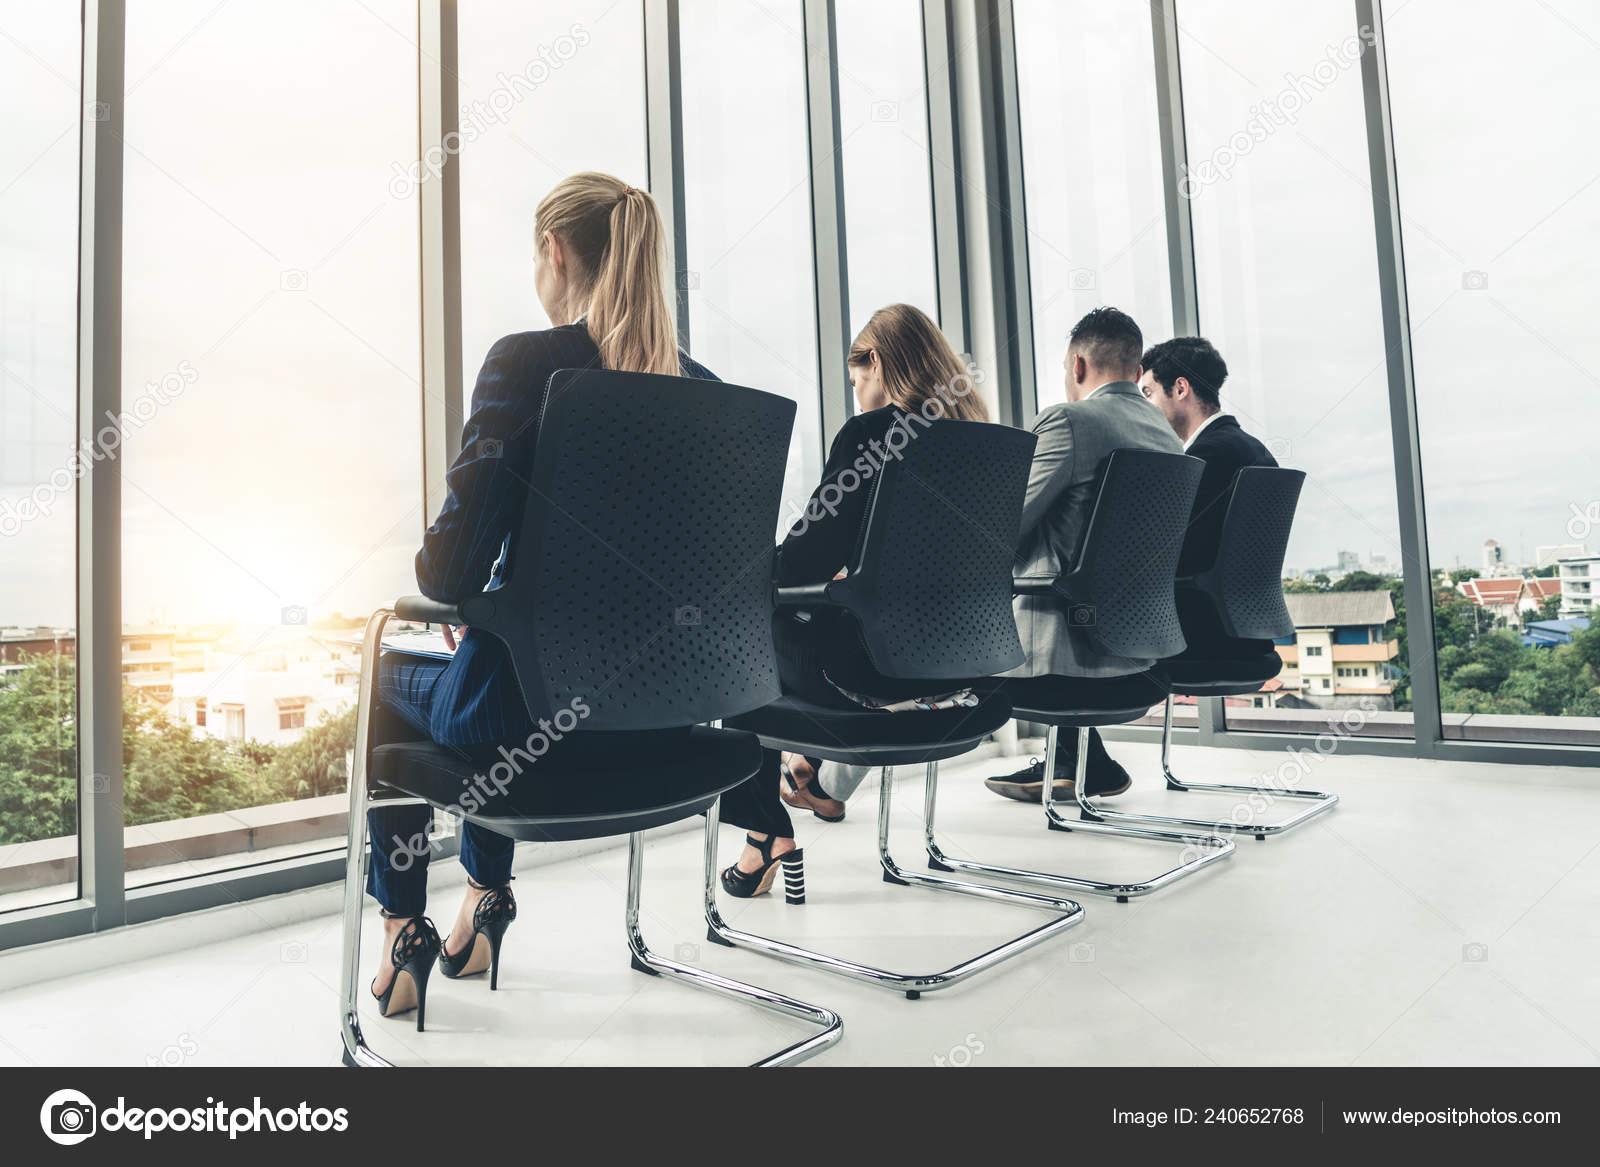 Sedie Ufficio Stock.Donne Uomini Affari Attesa Sulle Sedie Ufficio Lavoro